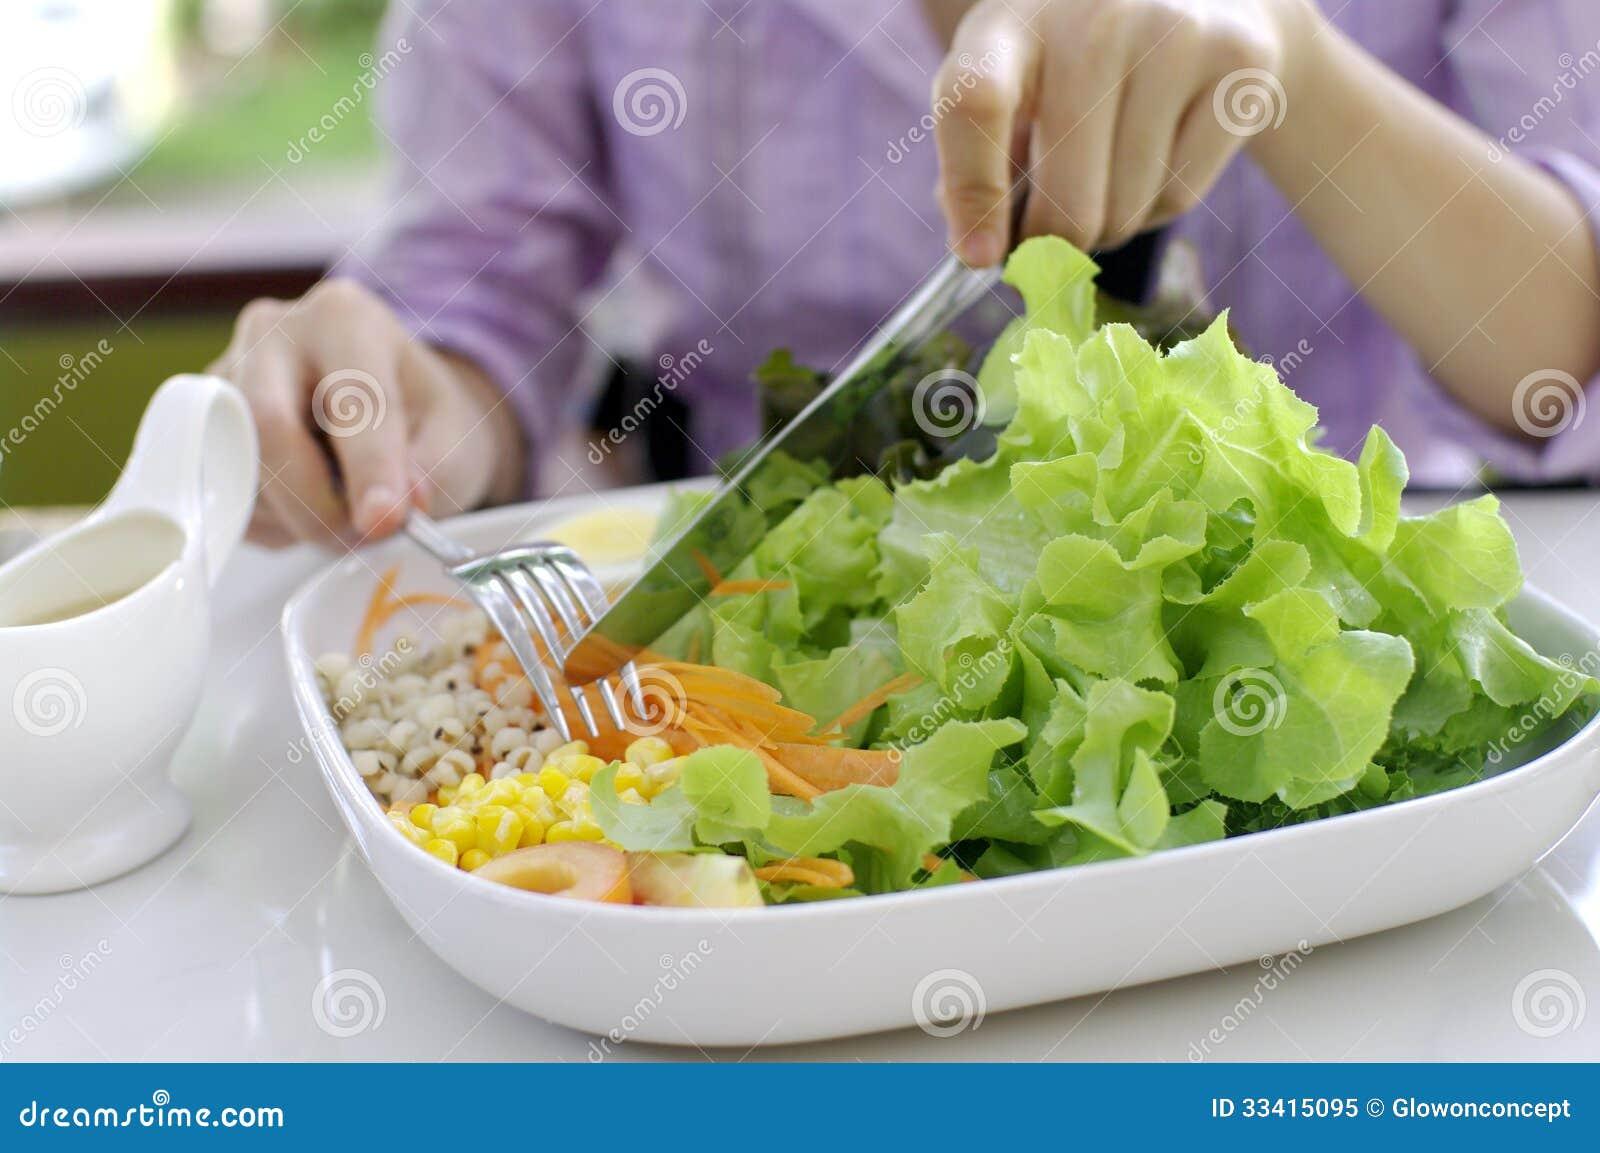 Het eten van salade gezonde maaltijd royalty vrije stock foto afbeelding 33415095 - Hoek maaltijd ...